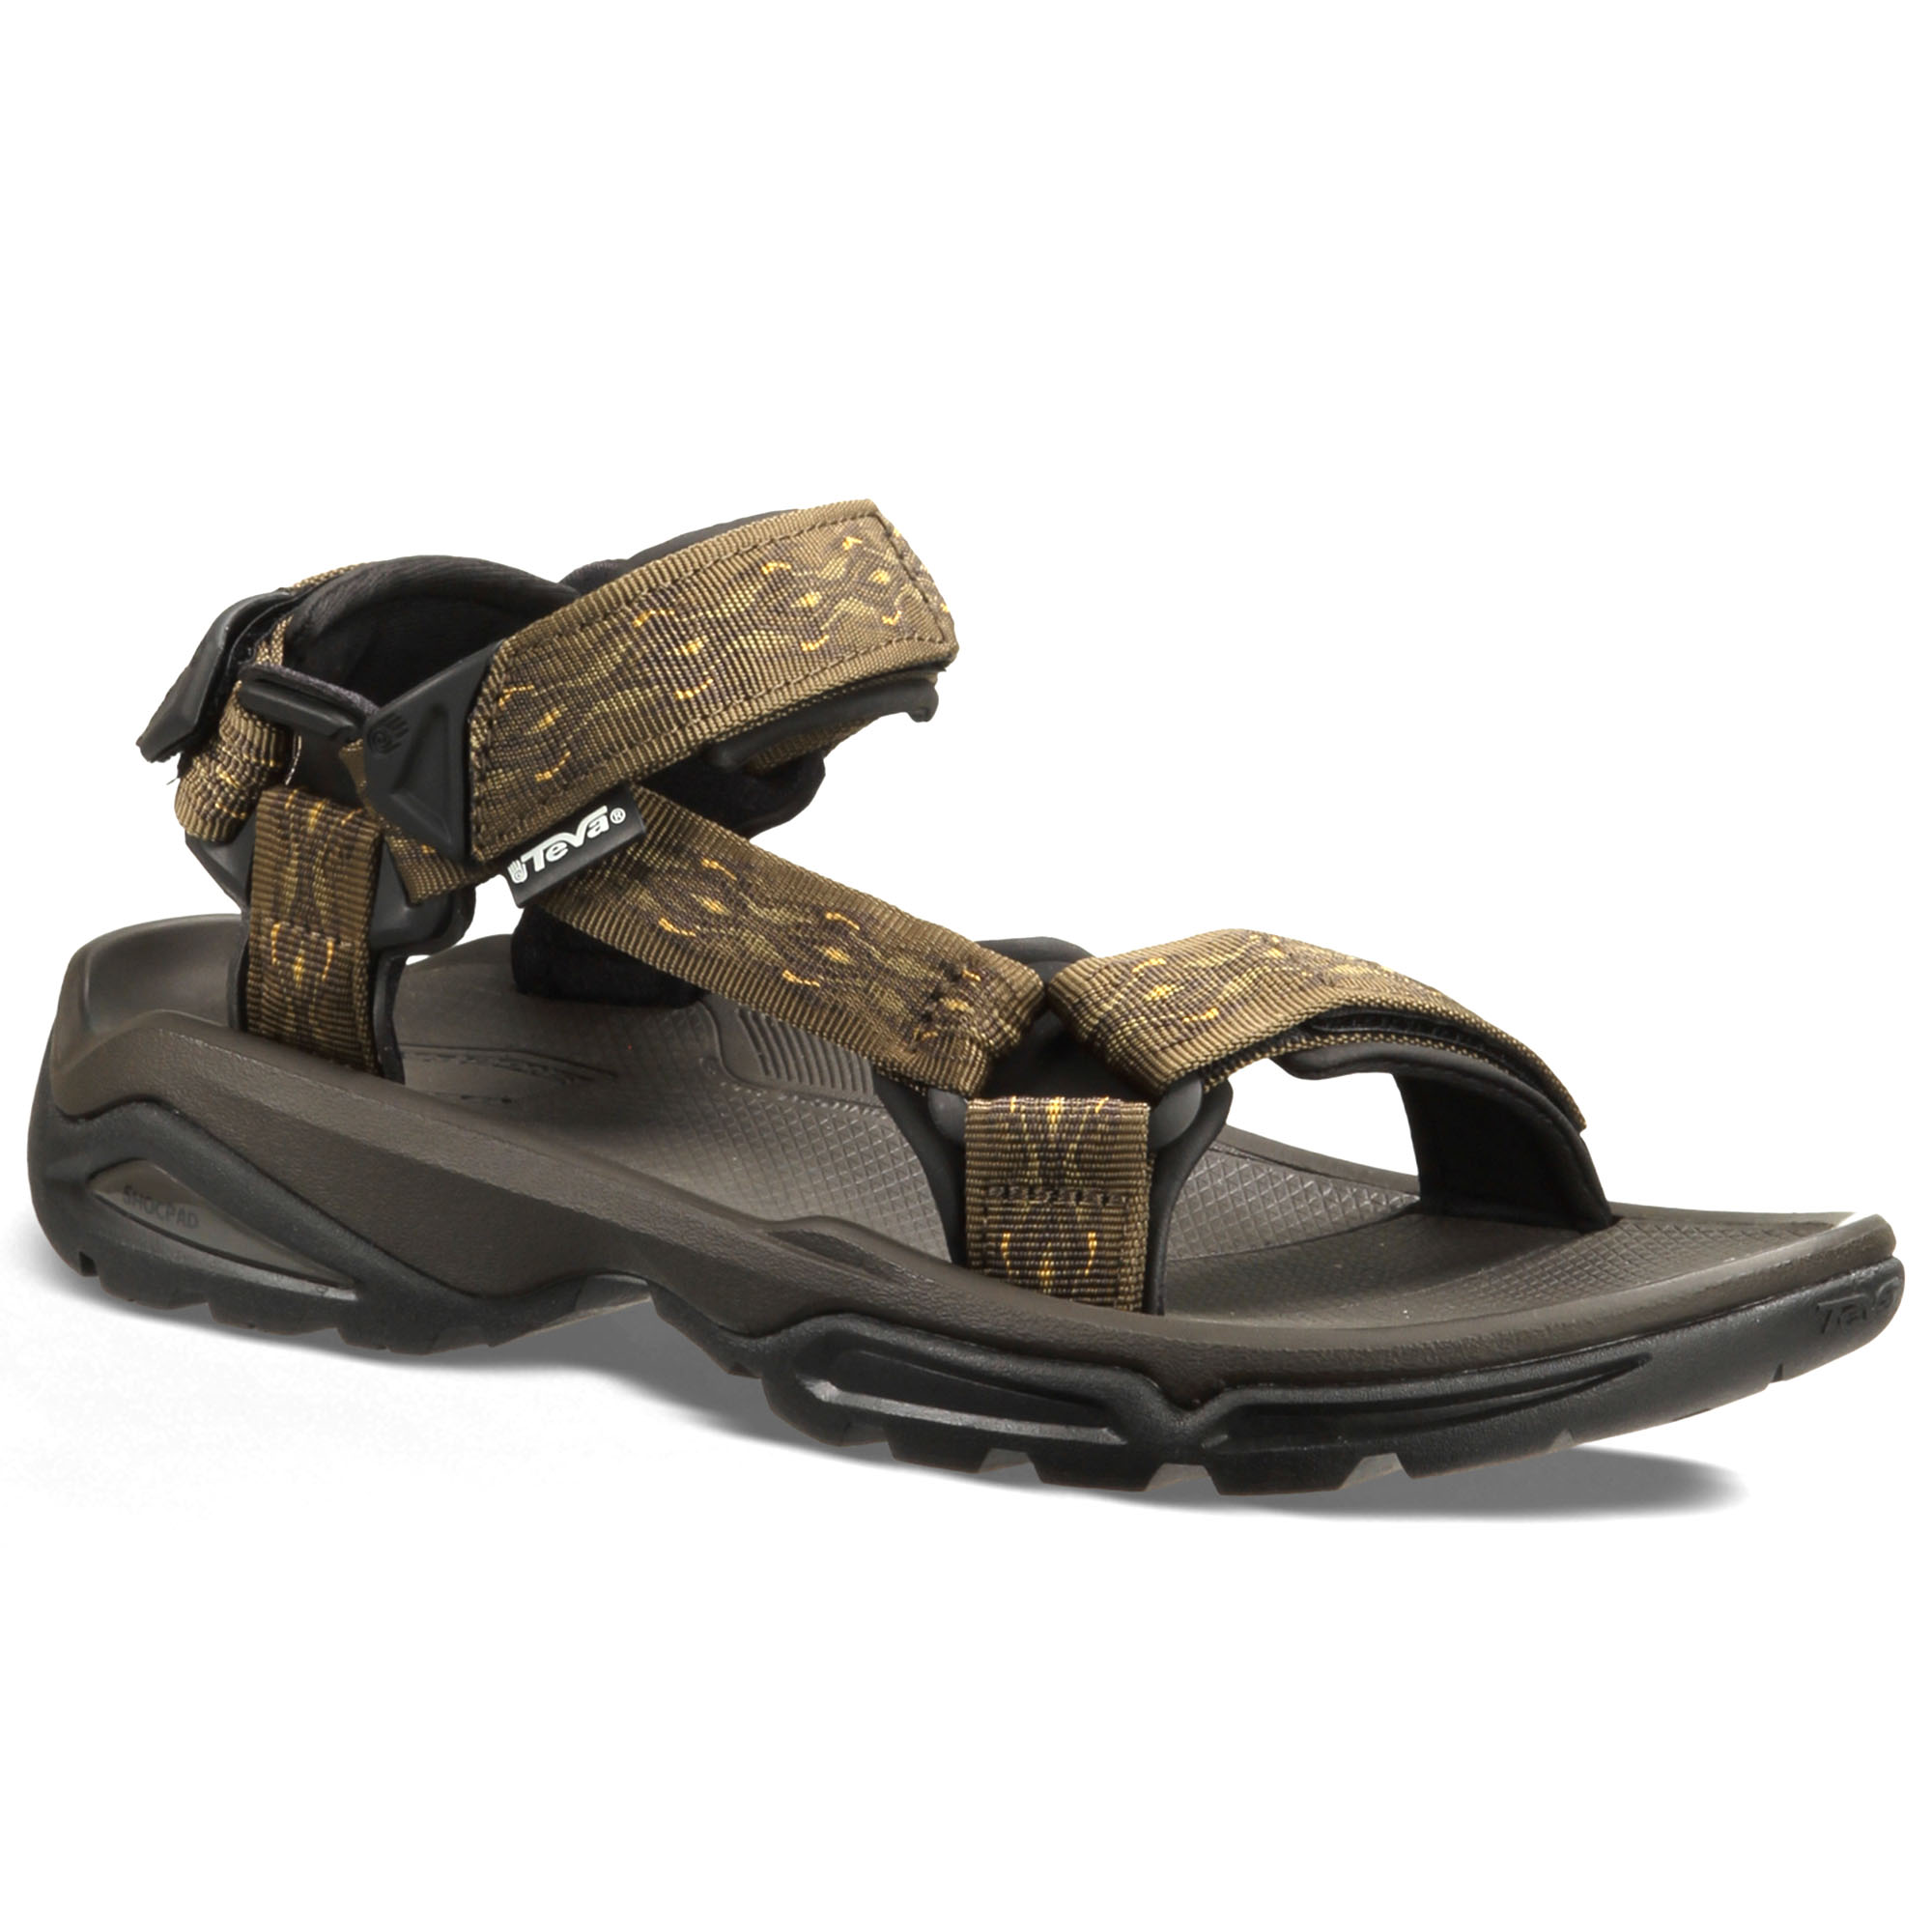 ca097aeebbbf Teva Men s Terra Fi 4 Sandals - Sun   Ski Sports